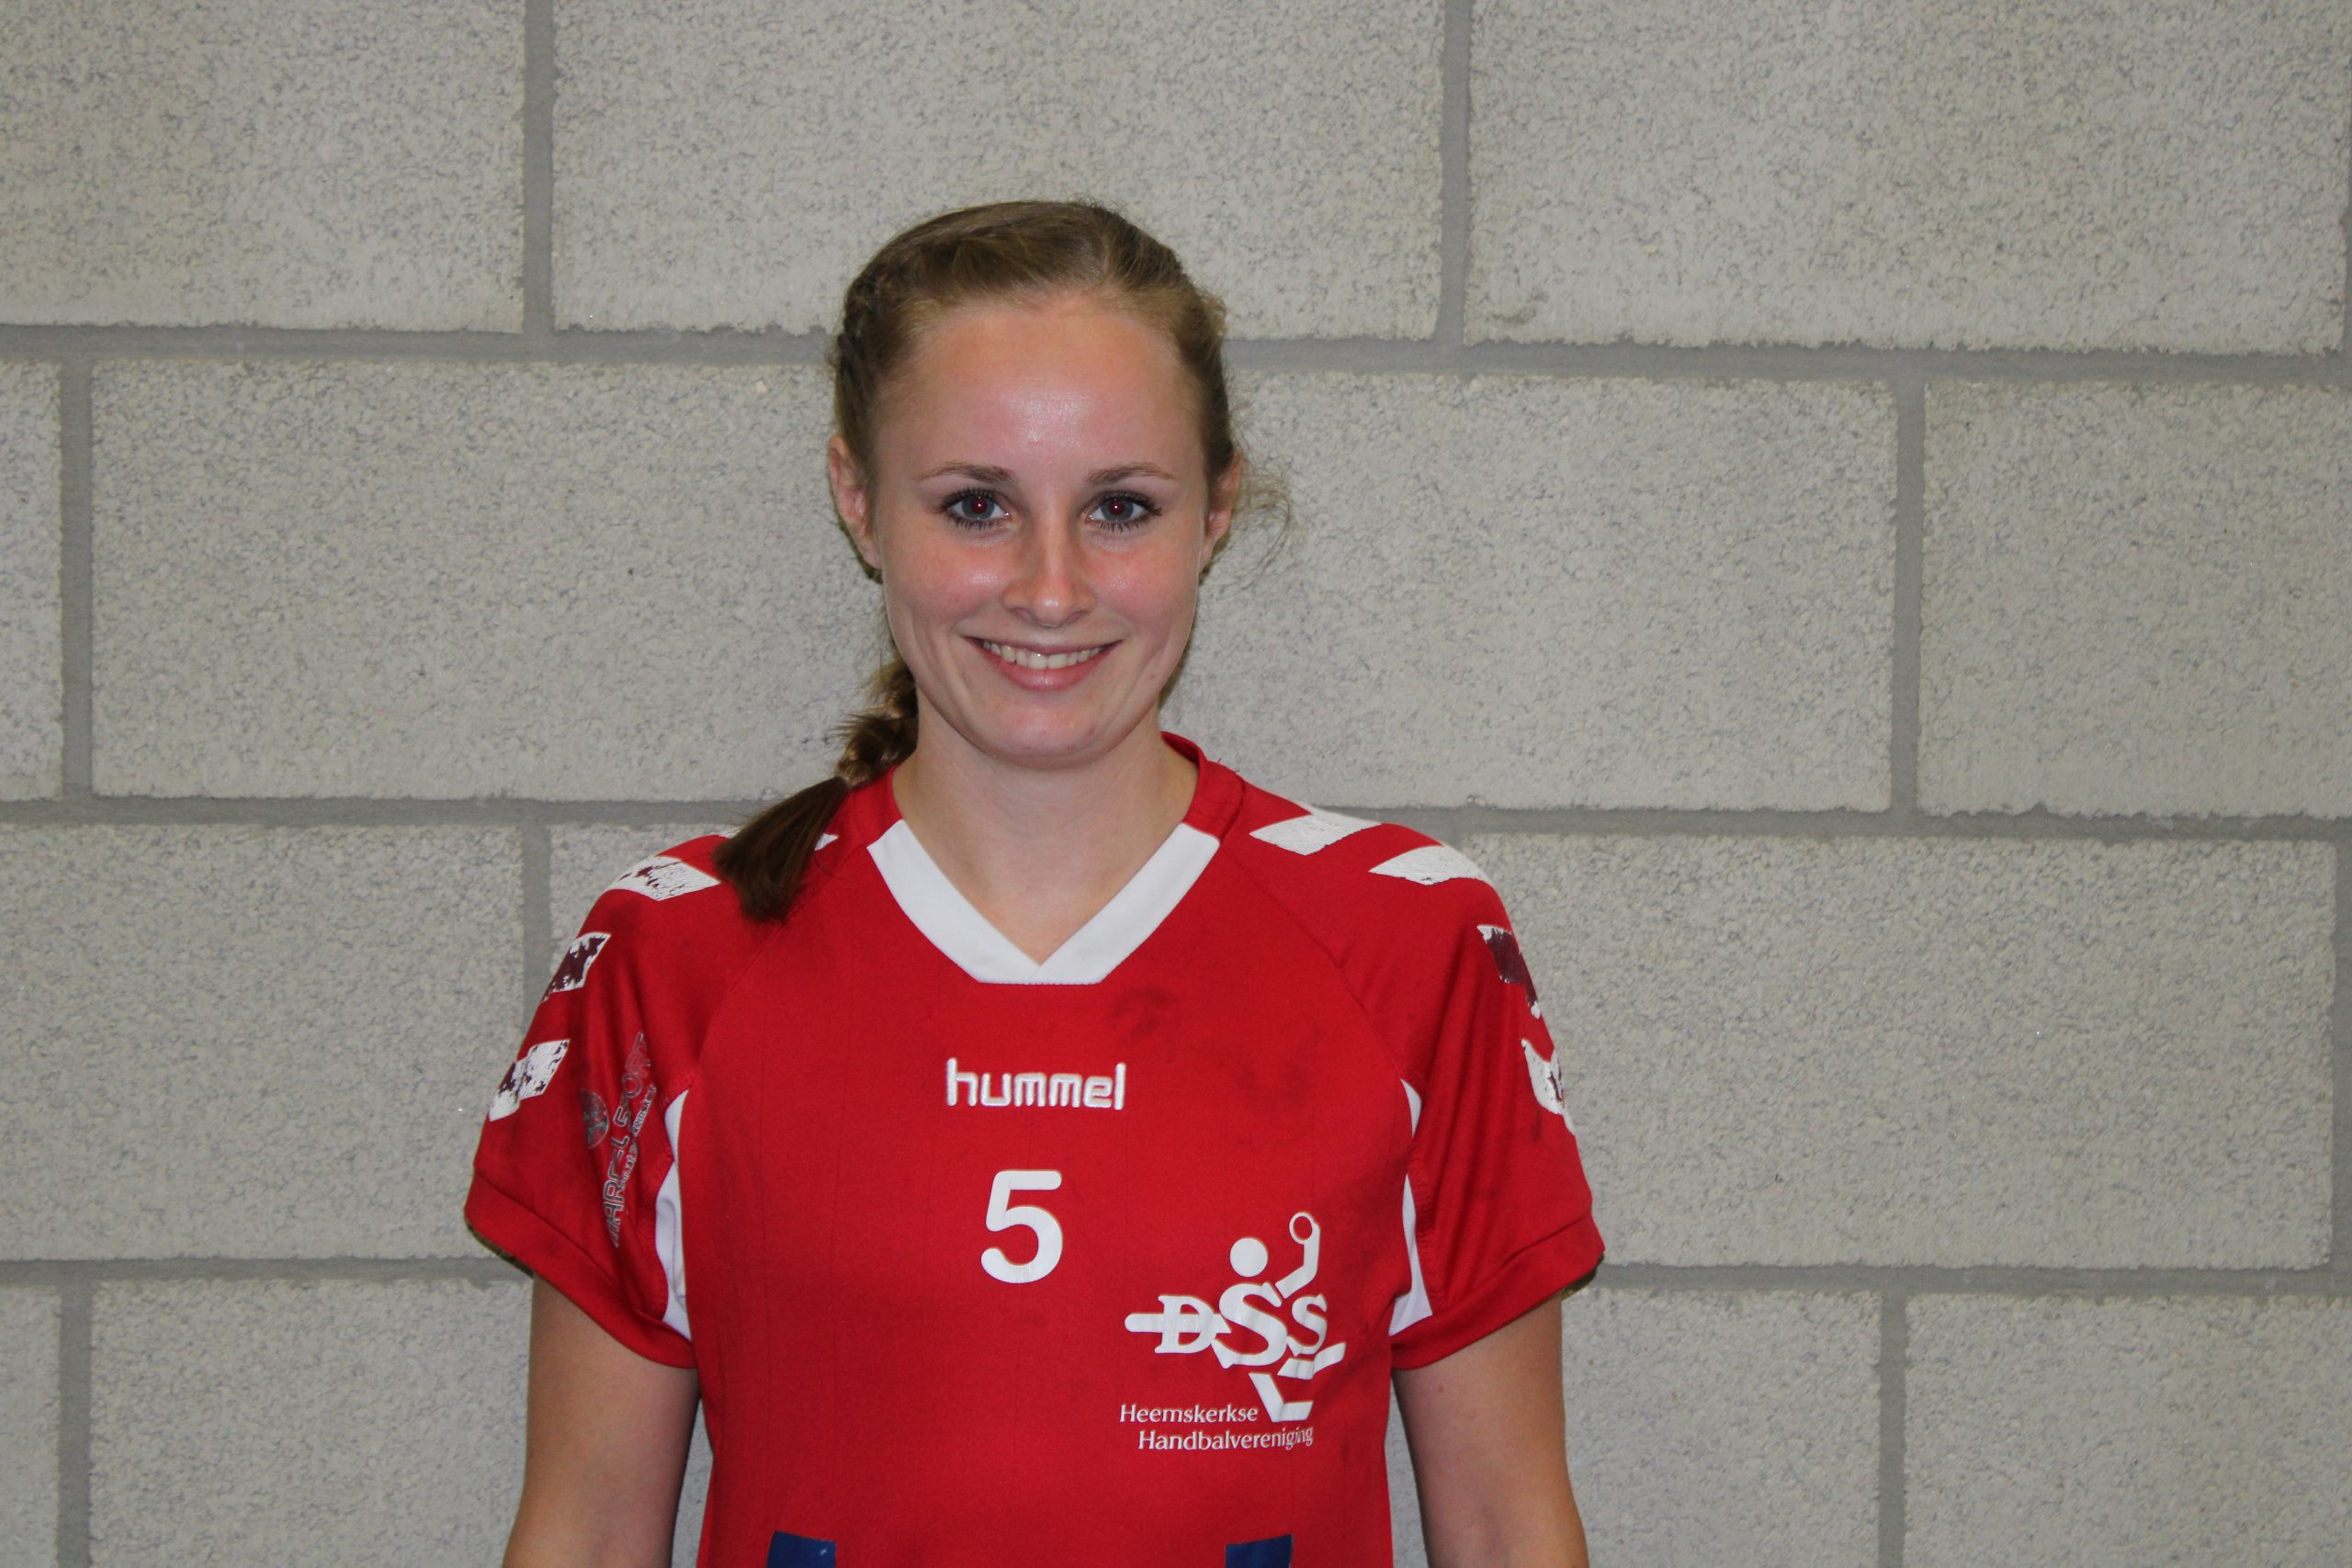 Britt van Elsacker